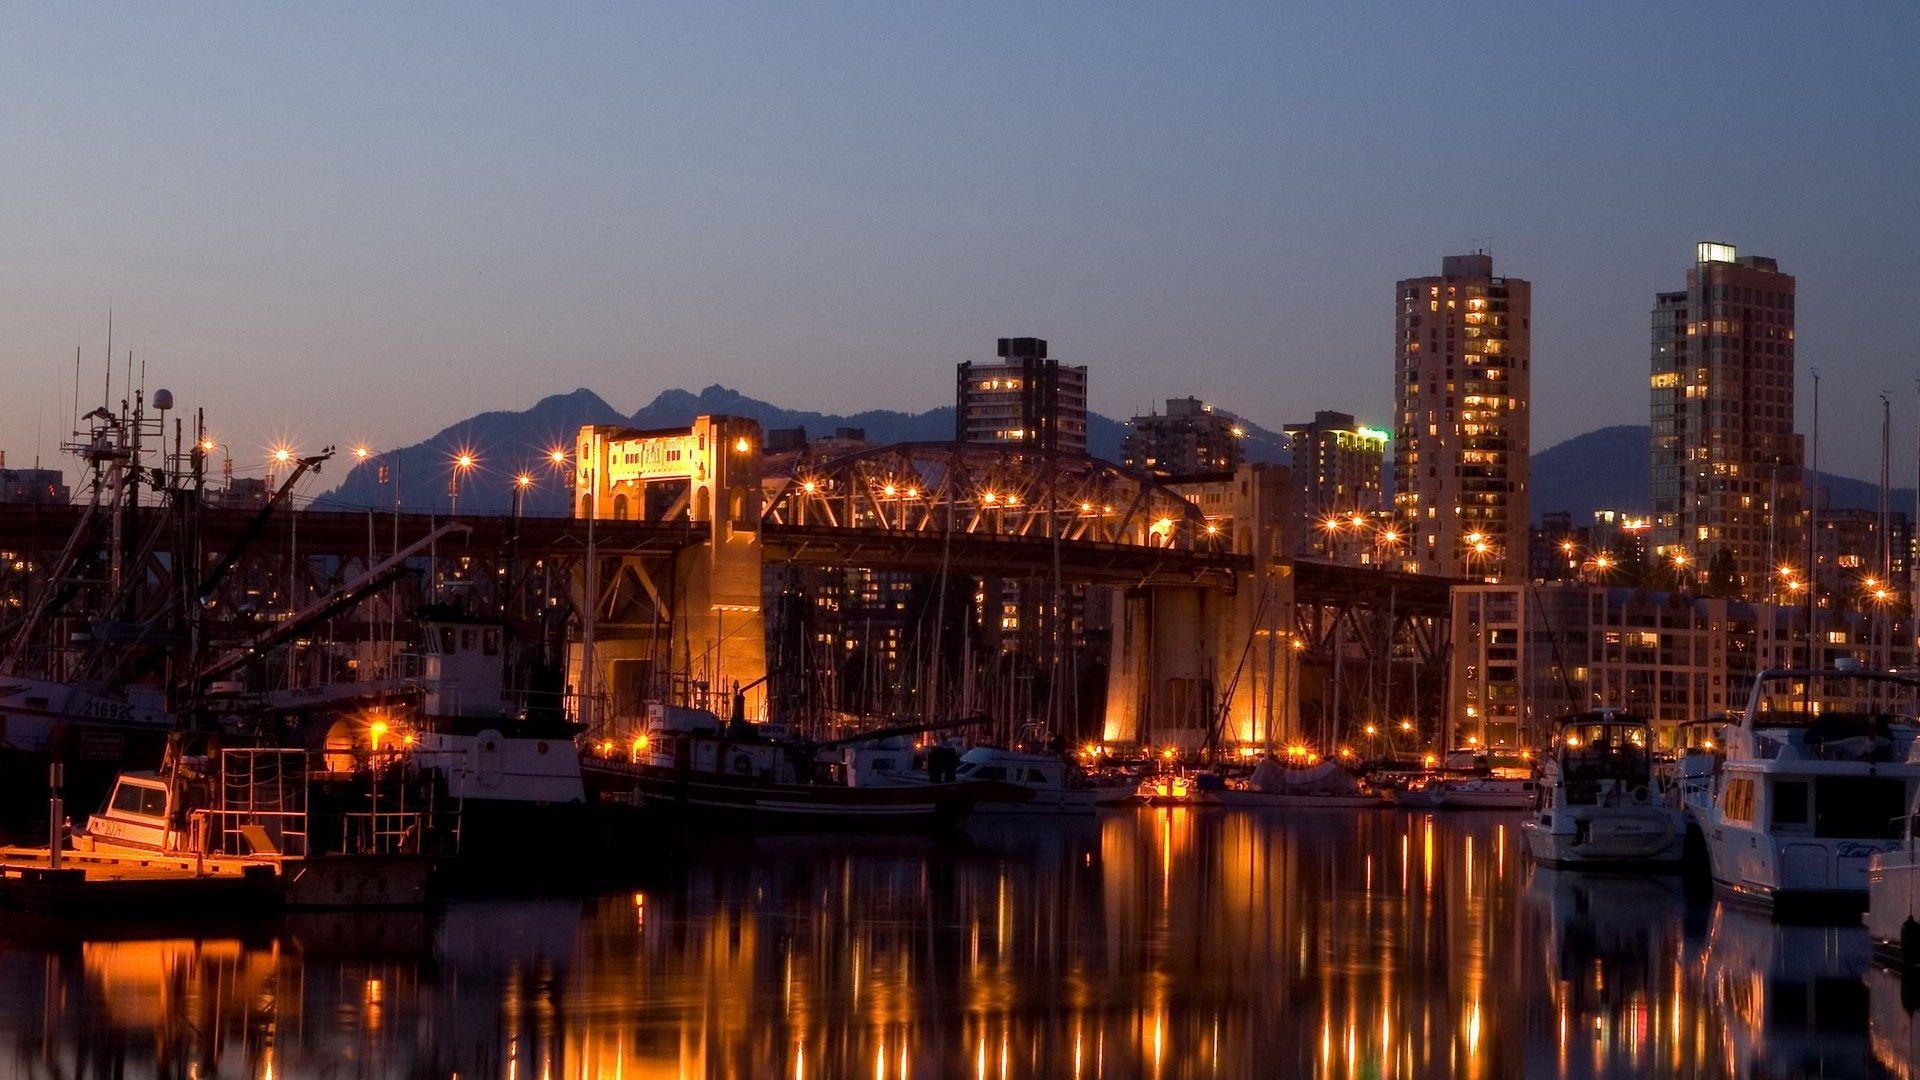 67741 Заставки и Обои Яхты на телефон. Скачать Пристань, Мост, Река, Отражение, Вечер, Города, Яхты картинки бесплатно